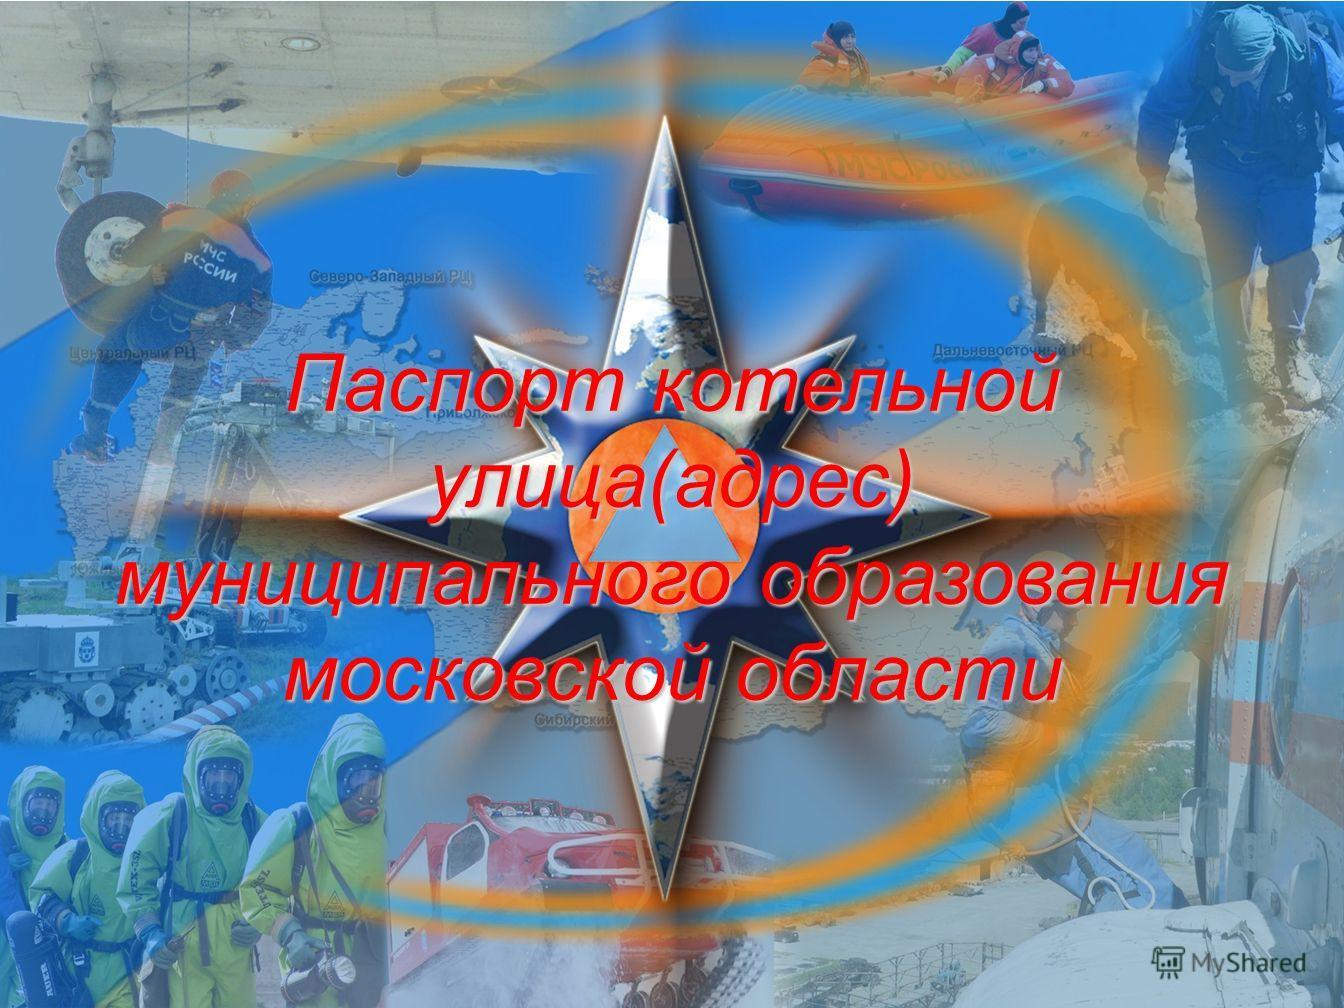 Паспорт котельной улица(адрес) муниципального образования московской области